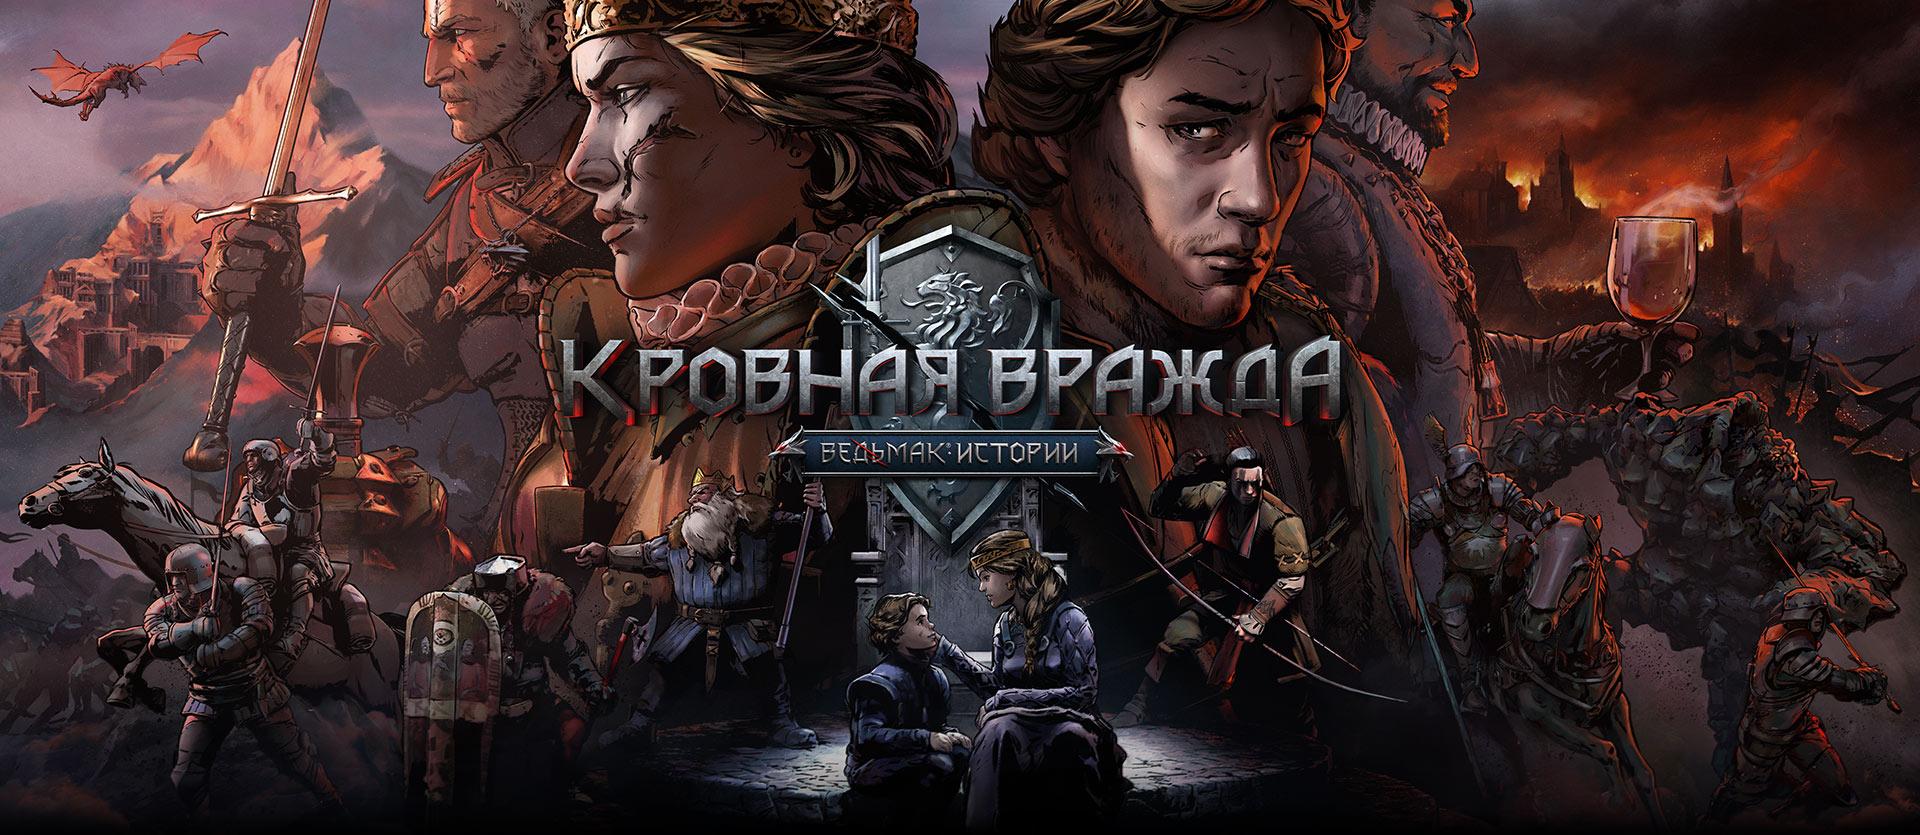 Кровная вражда: Ведьмак. Истории, изображение в стиле комиксов двух армий с их командирами с каждой стороны